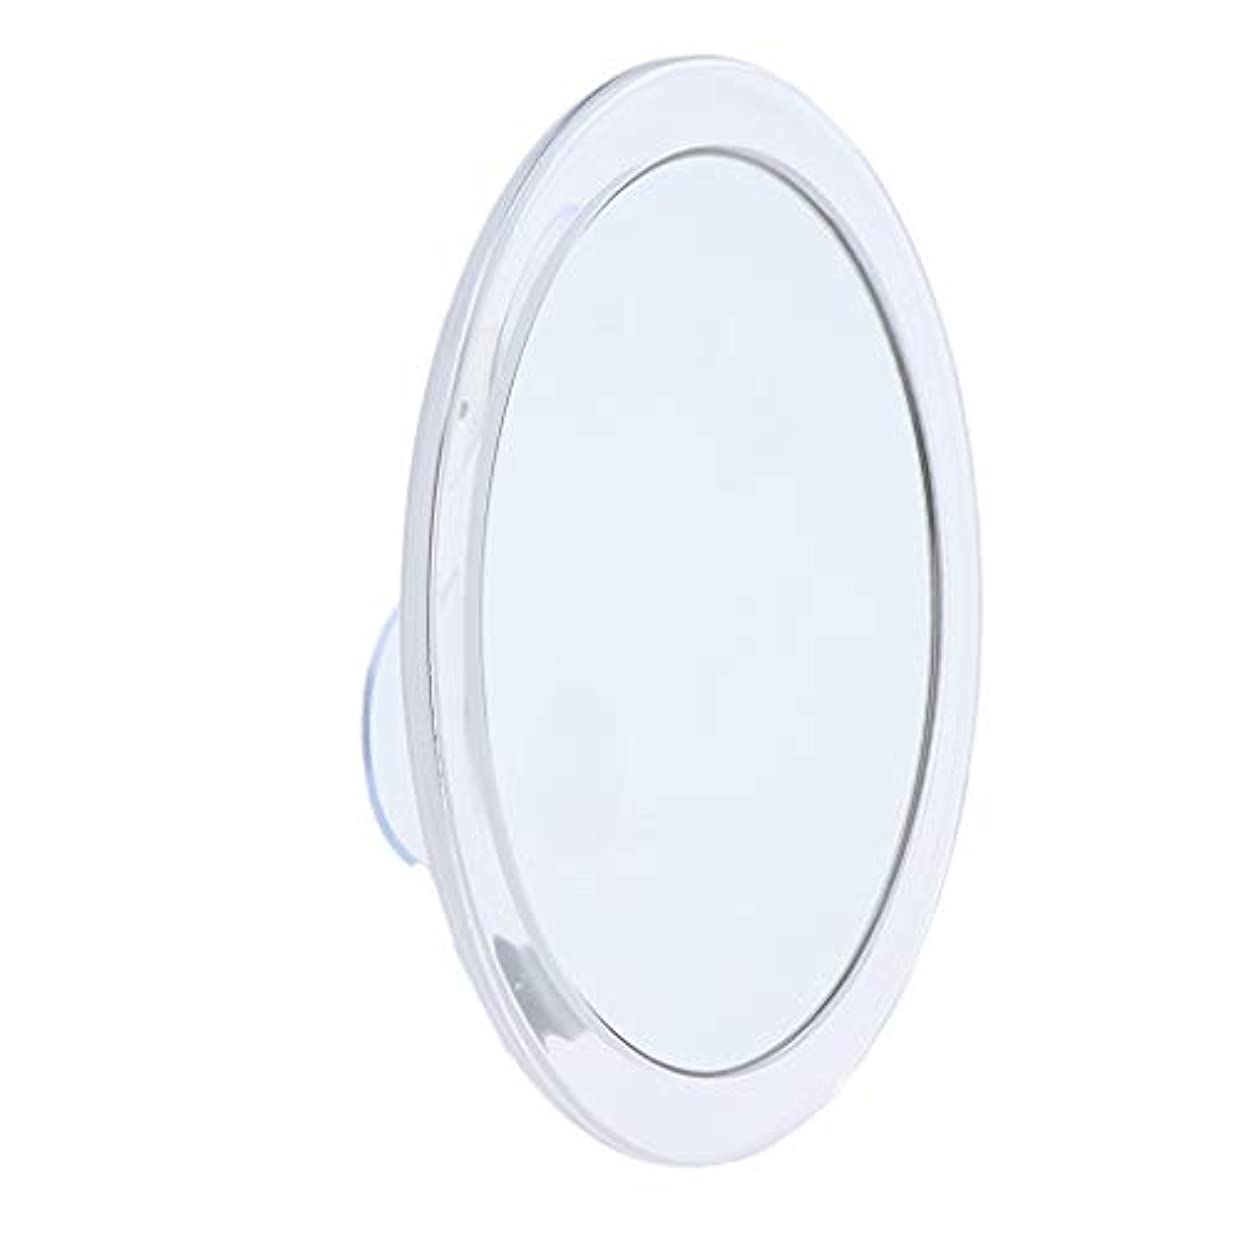 に変わる不定悲劇的なToygogo サクションミラー 化粧ミラー 化粧鏡 メイクアップミラー 5倍 拡大鏡 吸盤付き